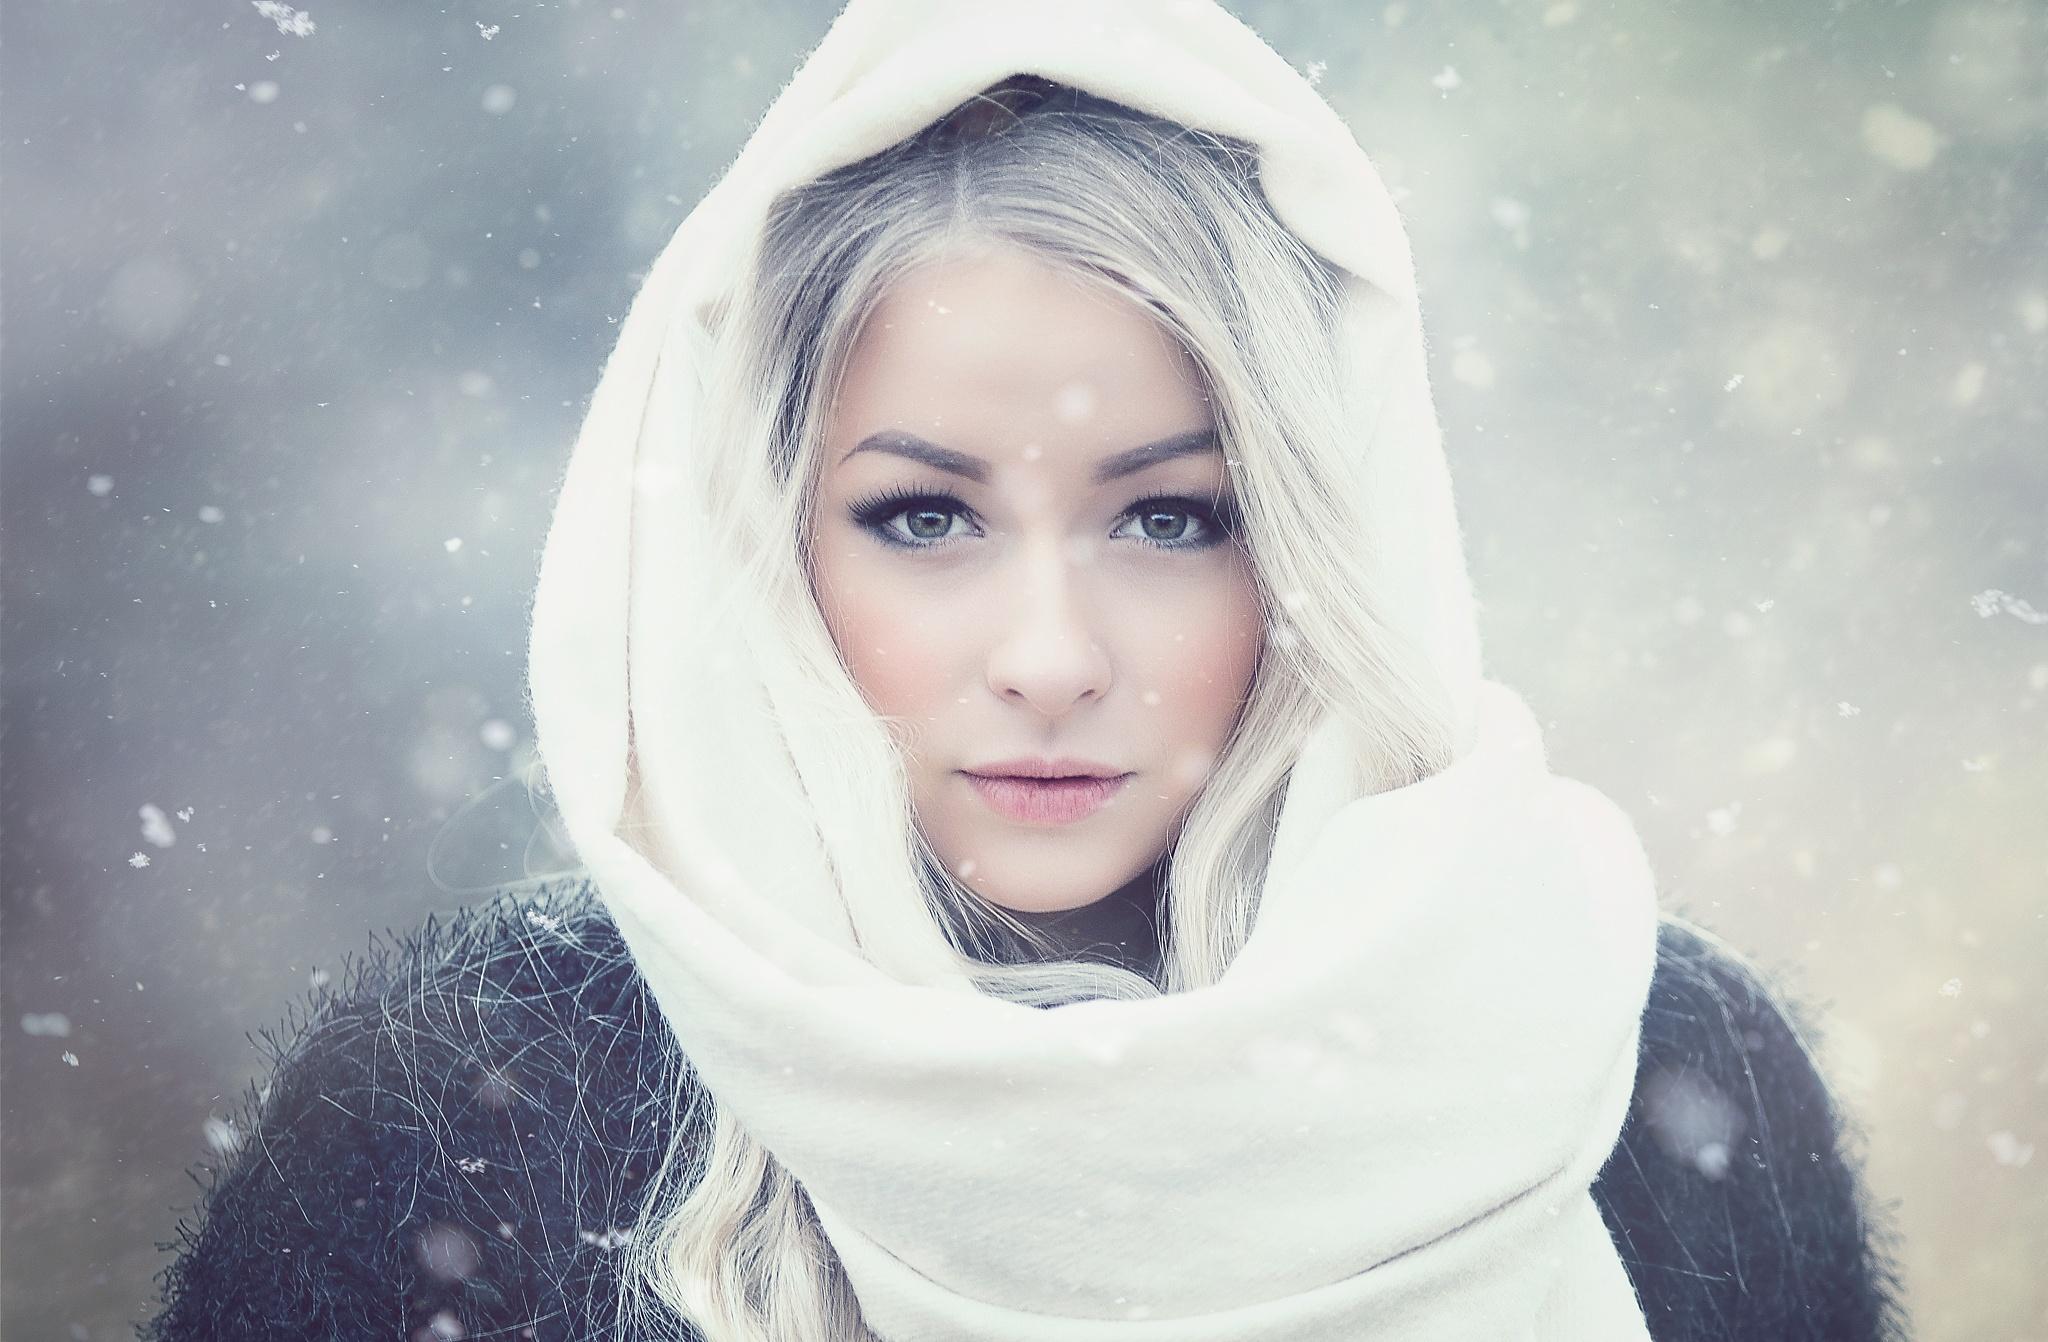 Frozen by Henri Toivonen